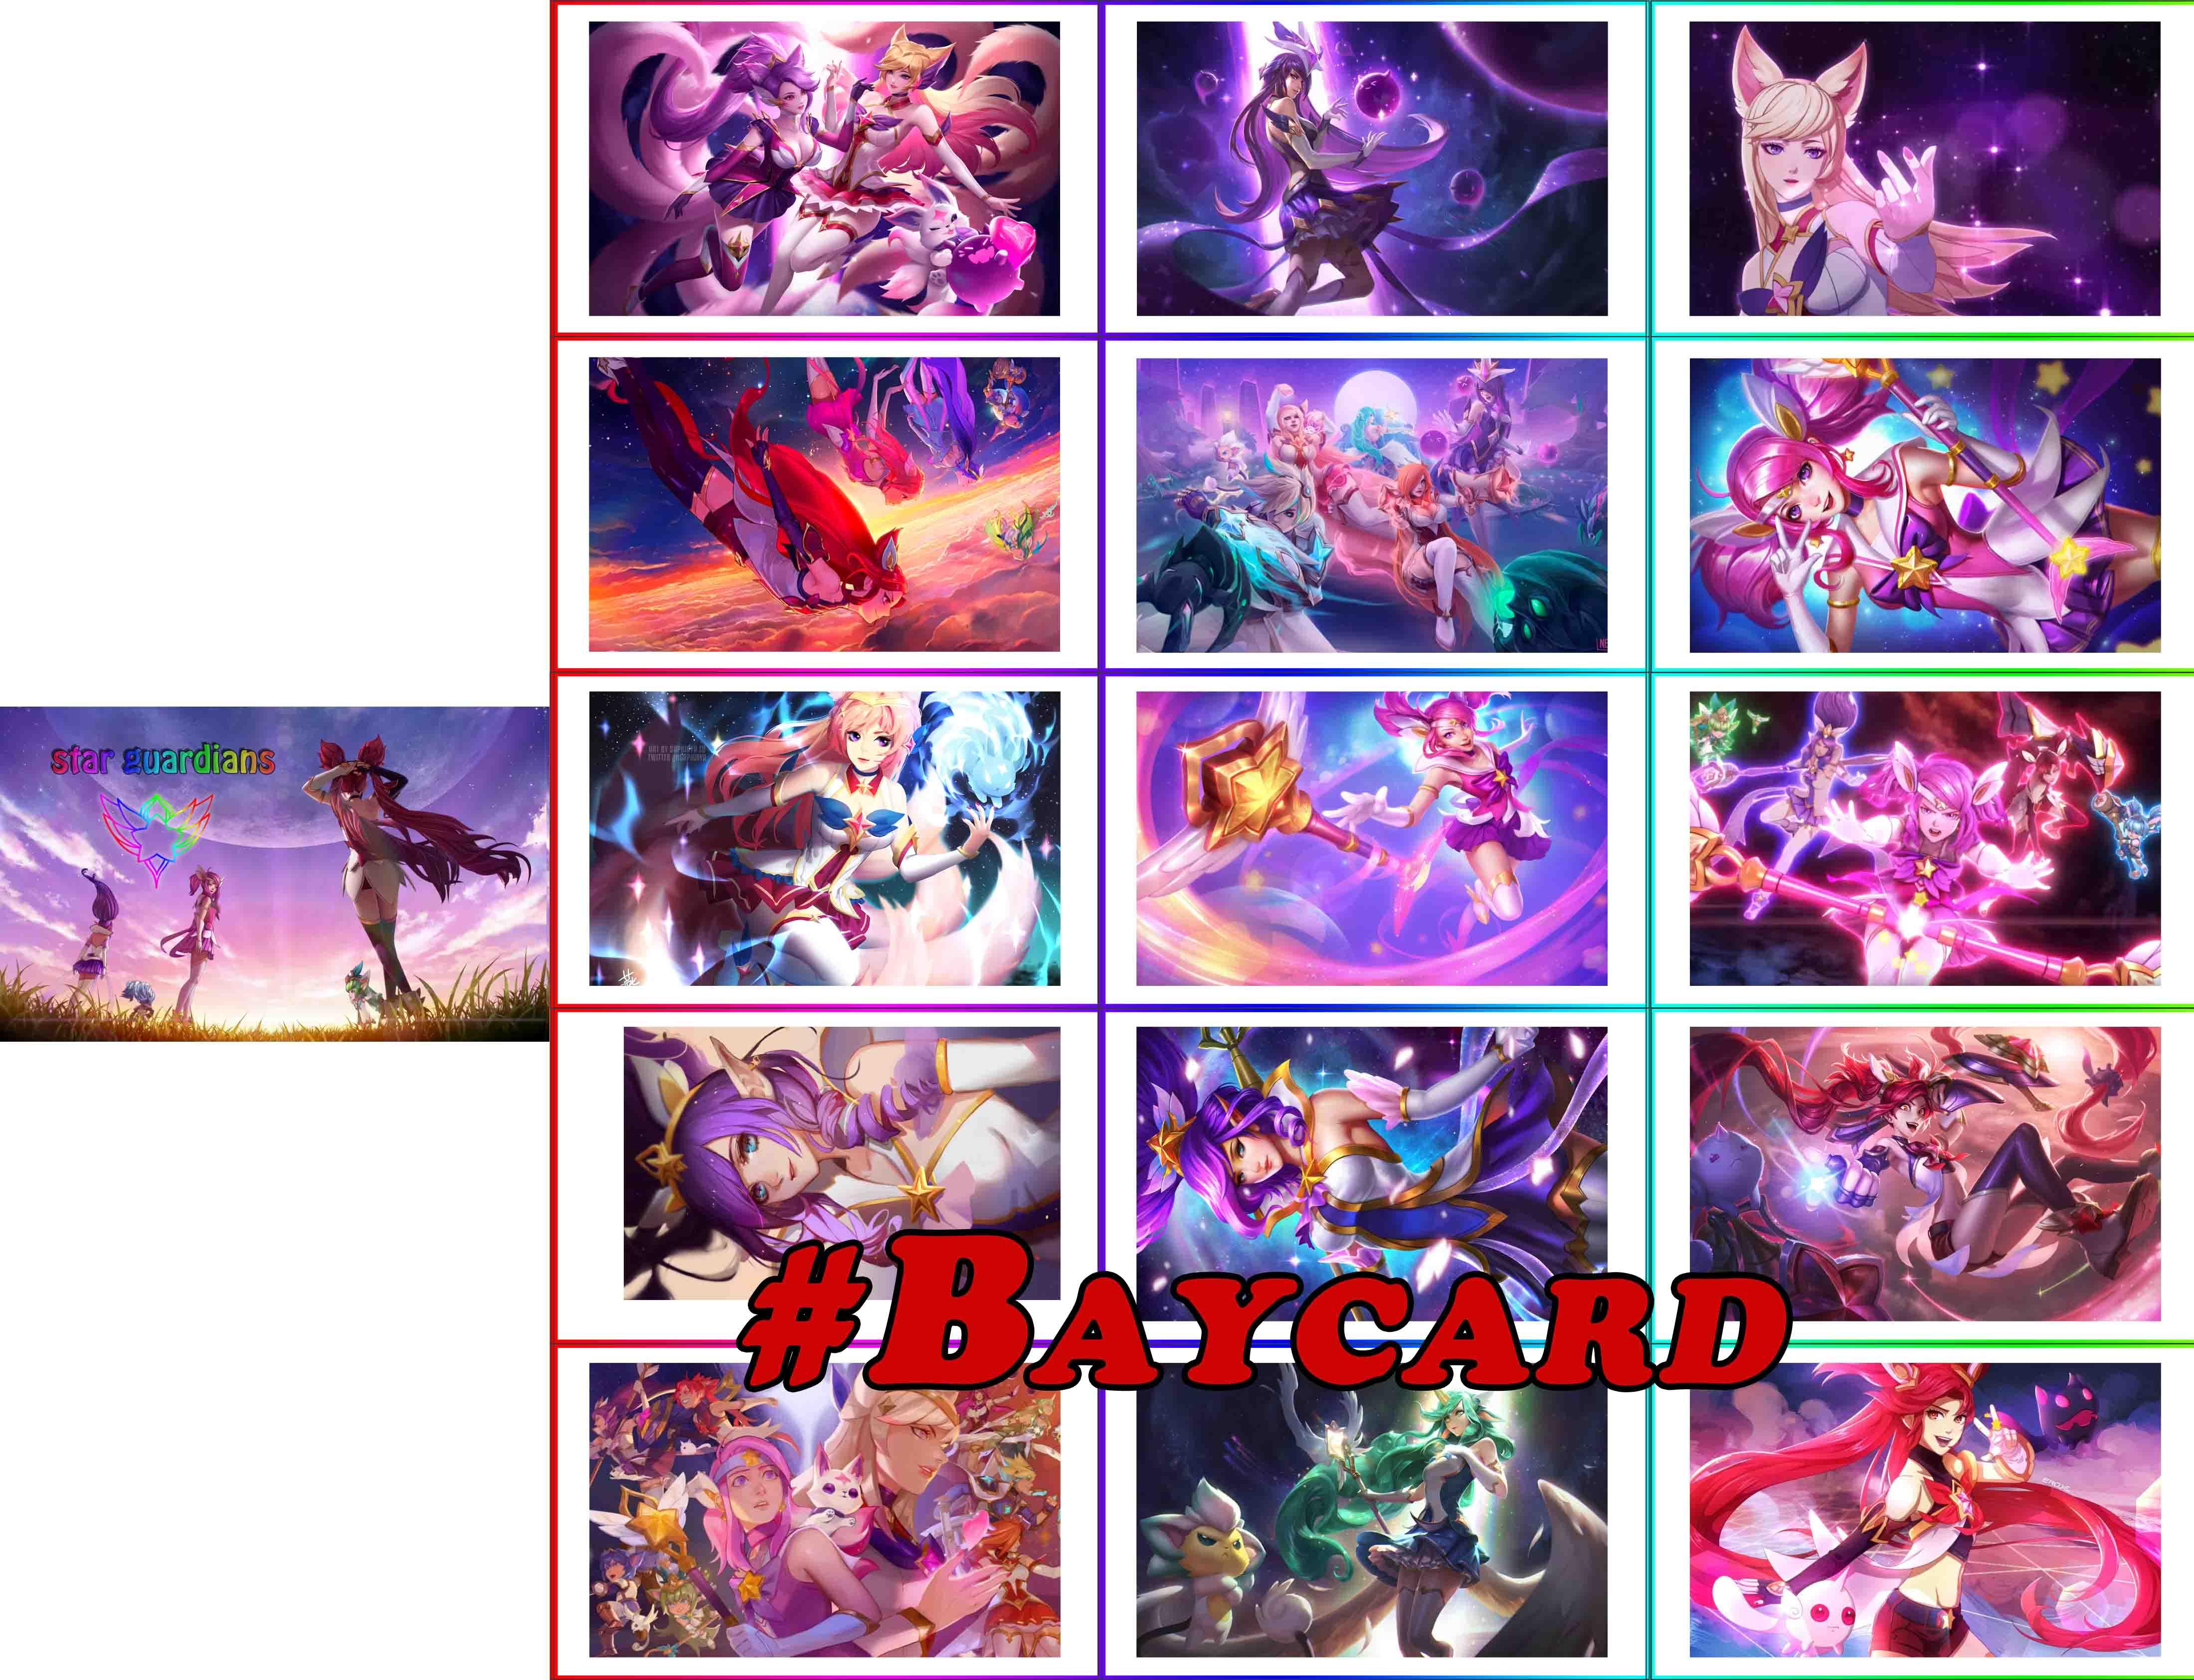 Liên minh huyền thoại - baycard đa dạng